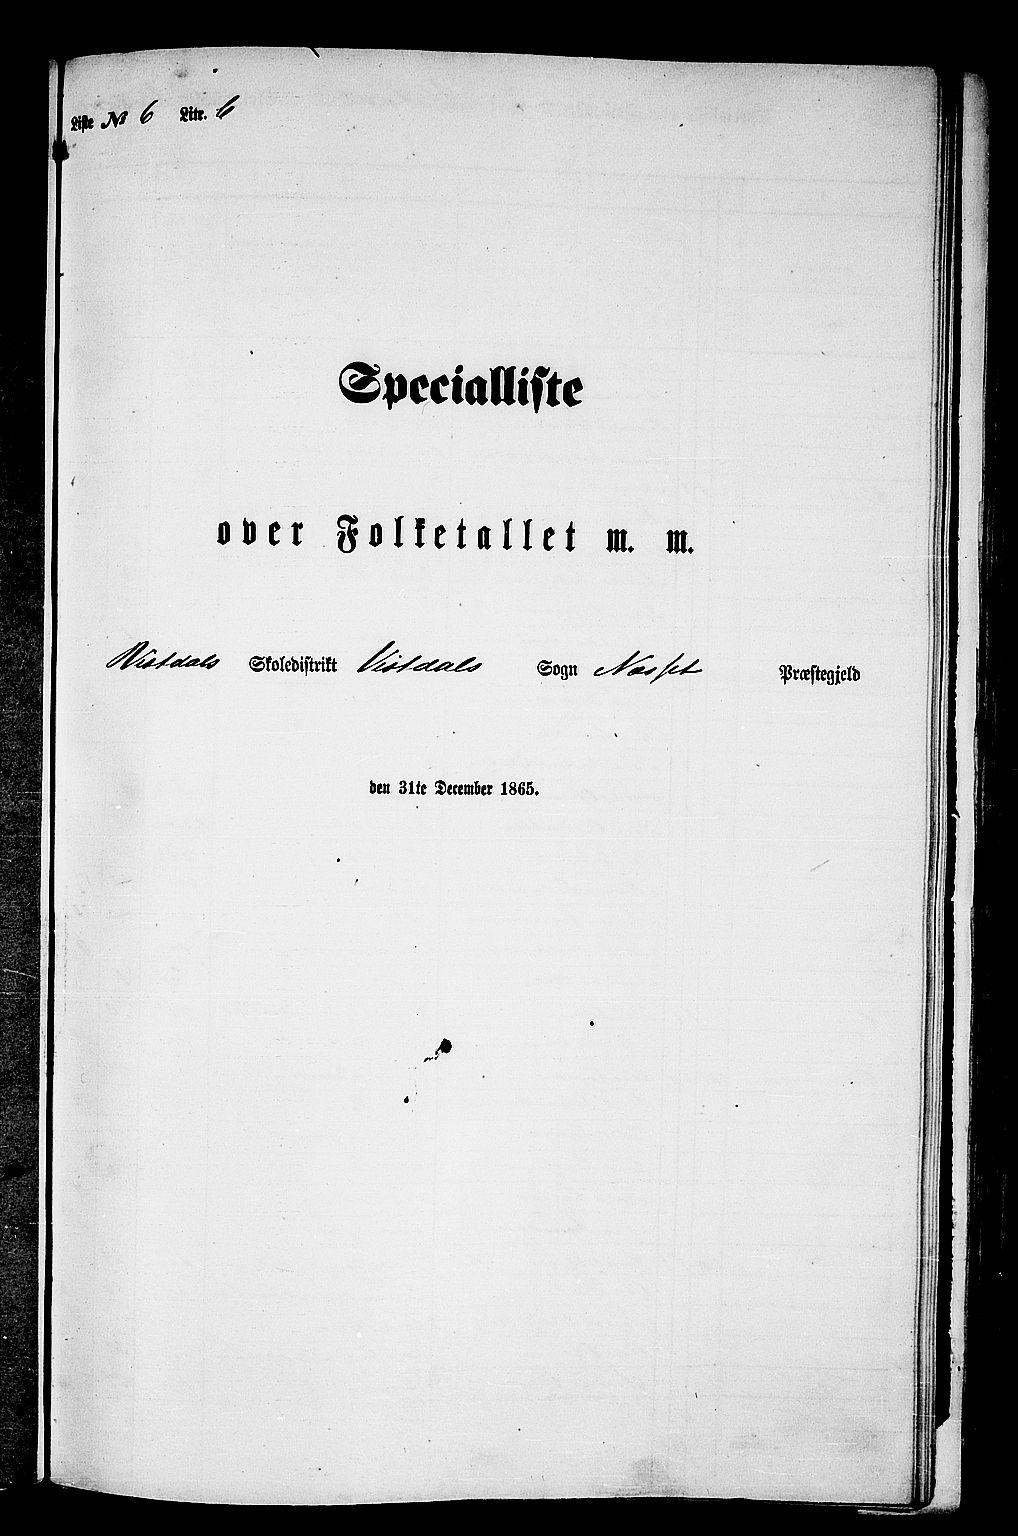 RA, Folketelling 1865 for 1543P Nesset prestegjeld, 1865, s. 134